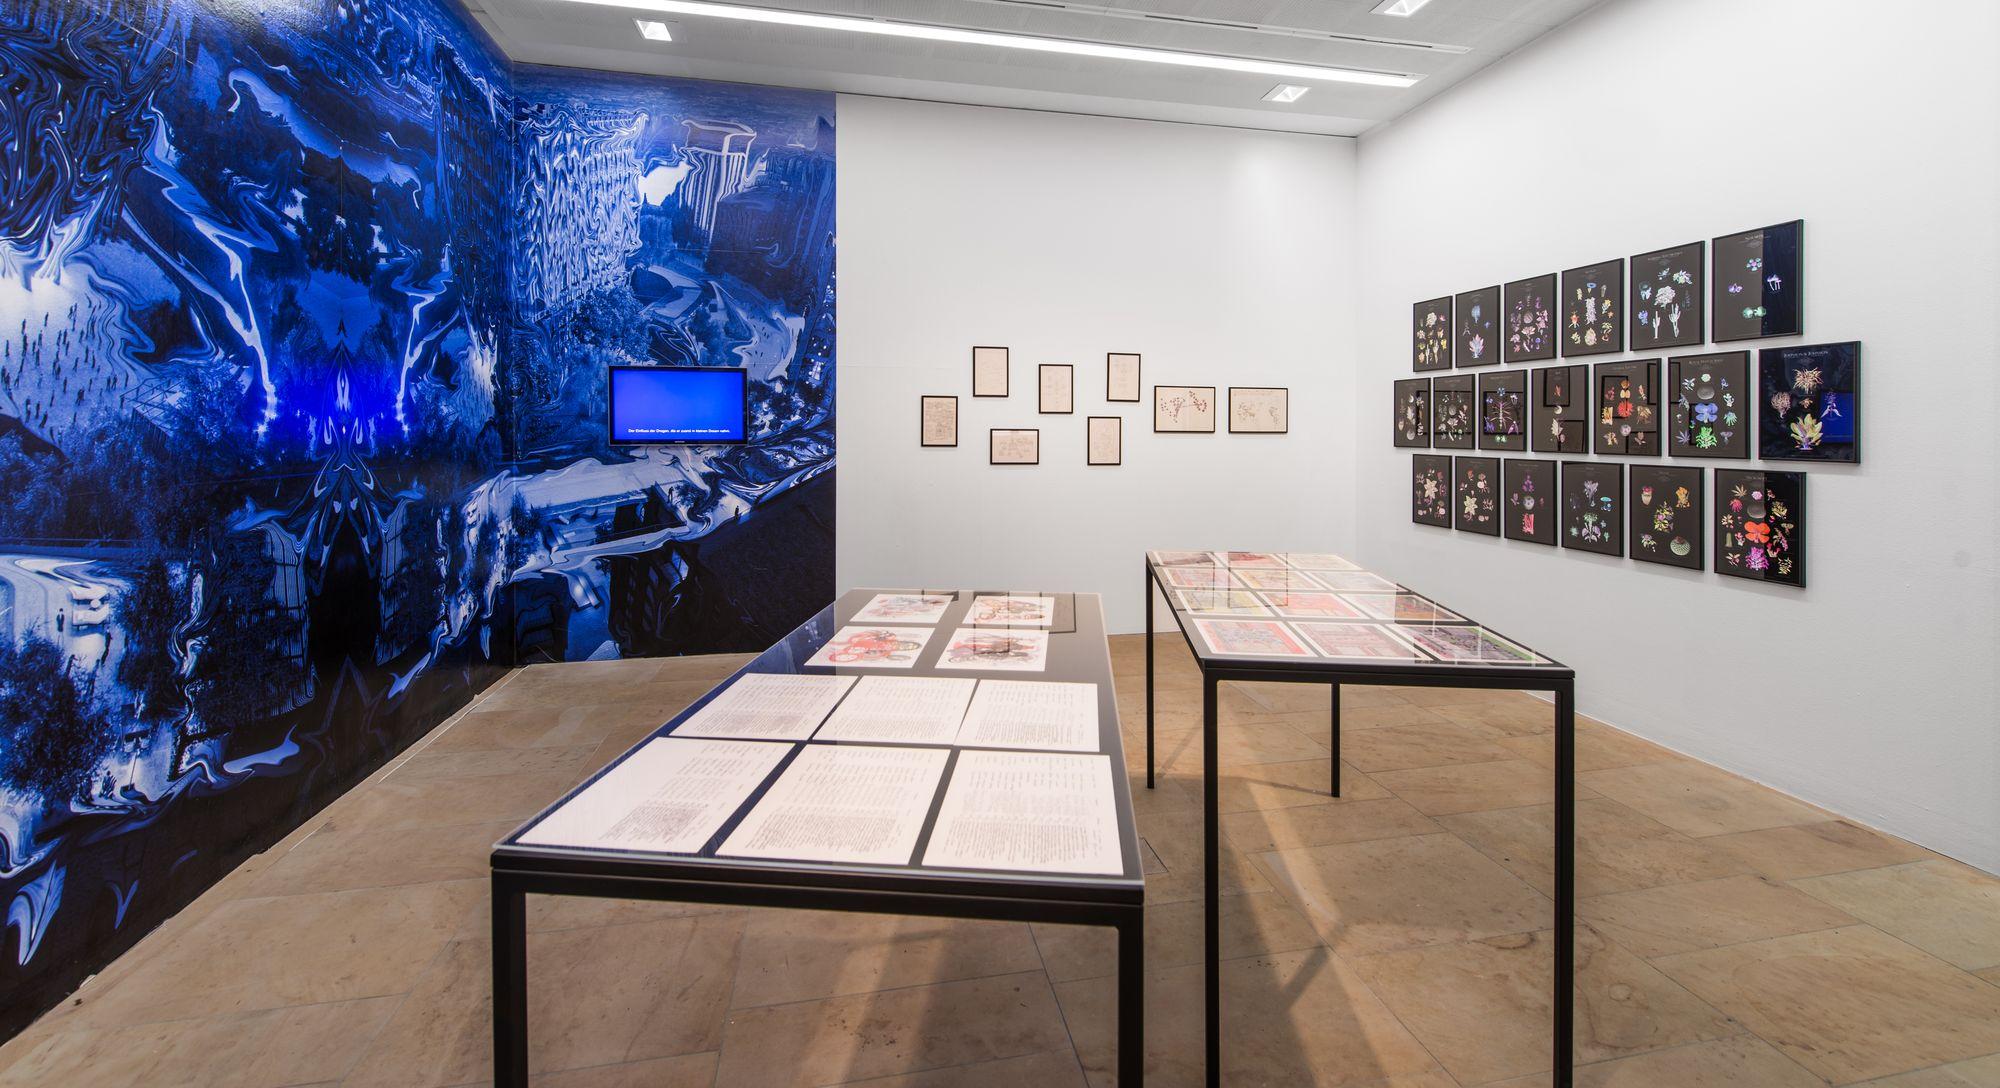 «Altered States», exploration des substances dans la société à travers l'art et la science au Kunstpalais Erlangen en Allemagne